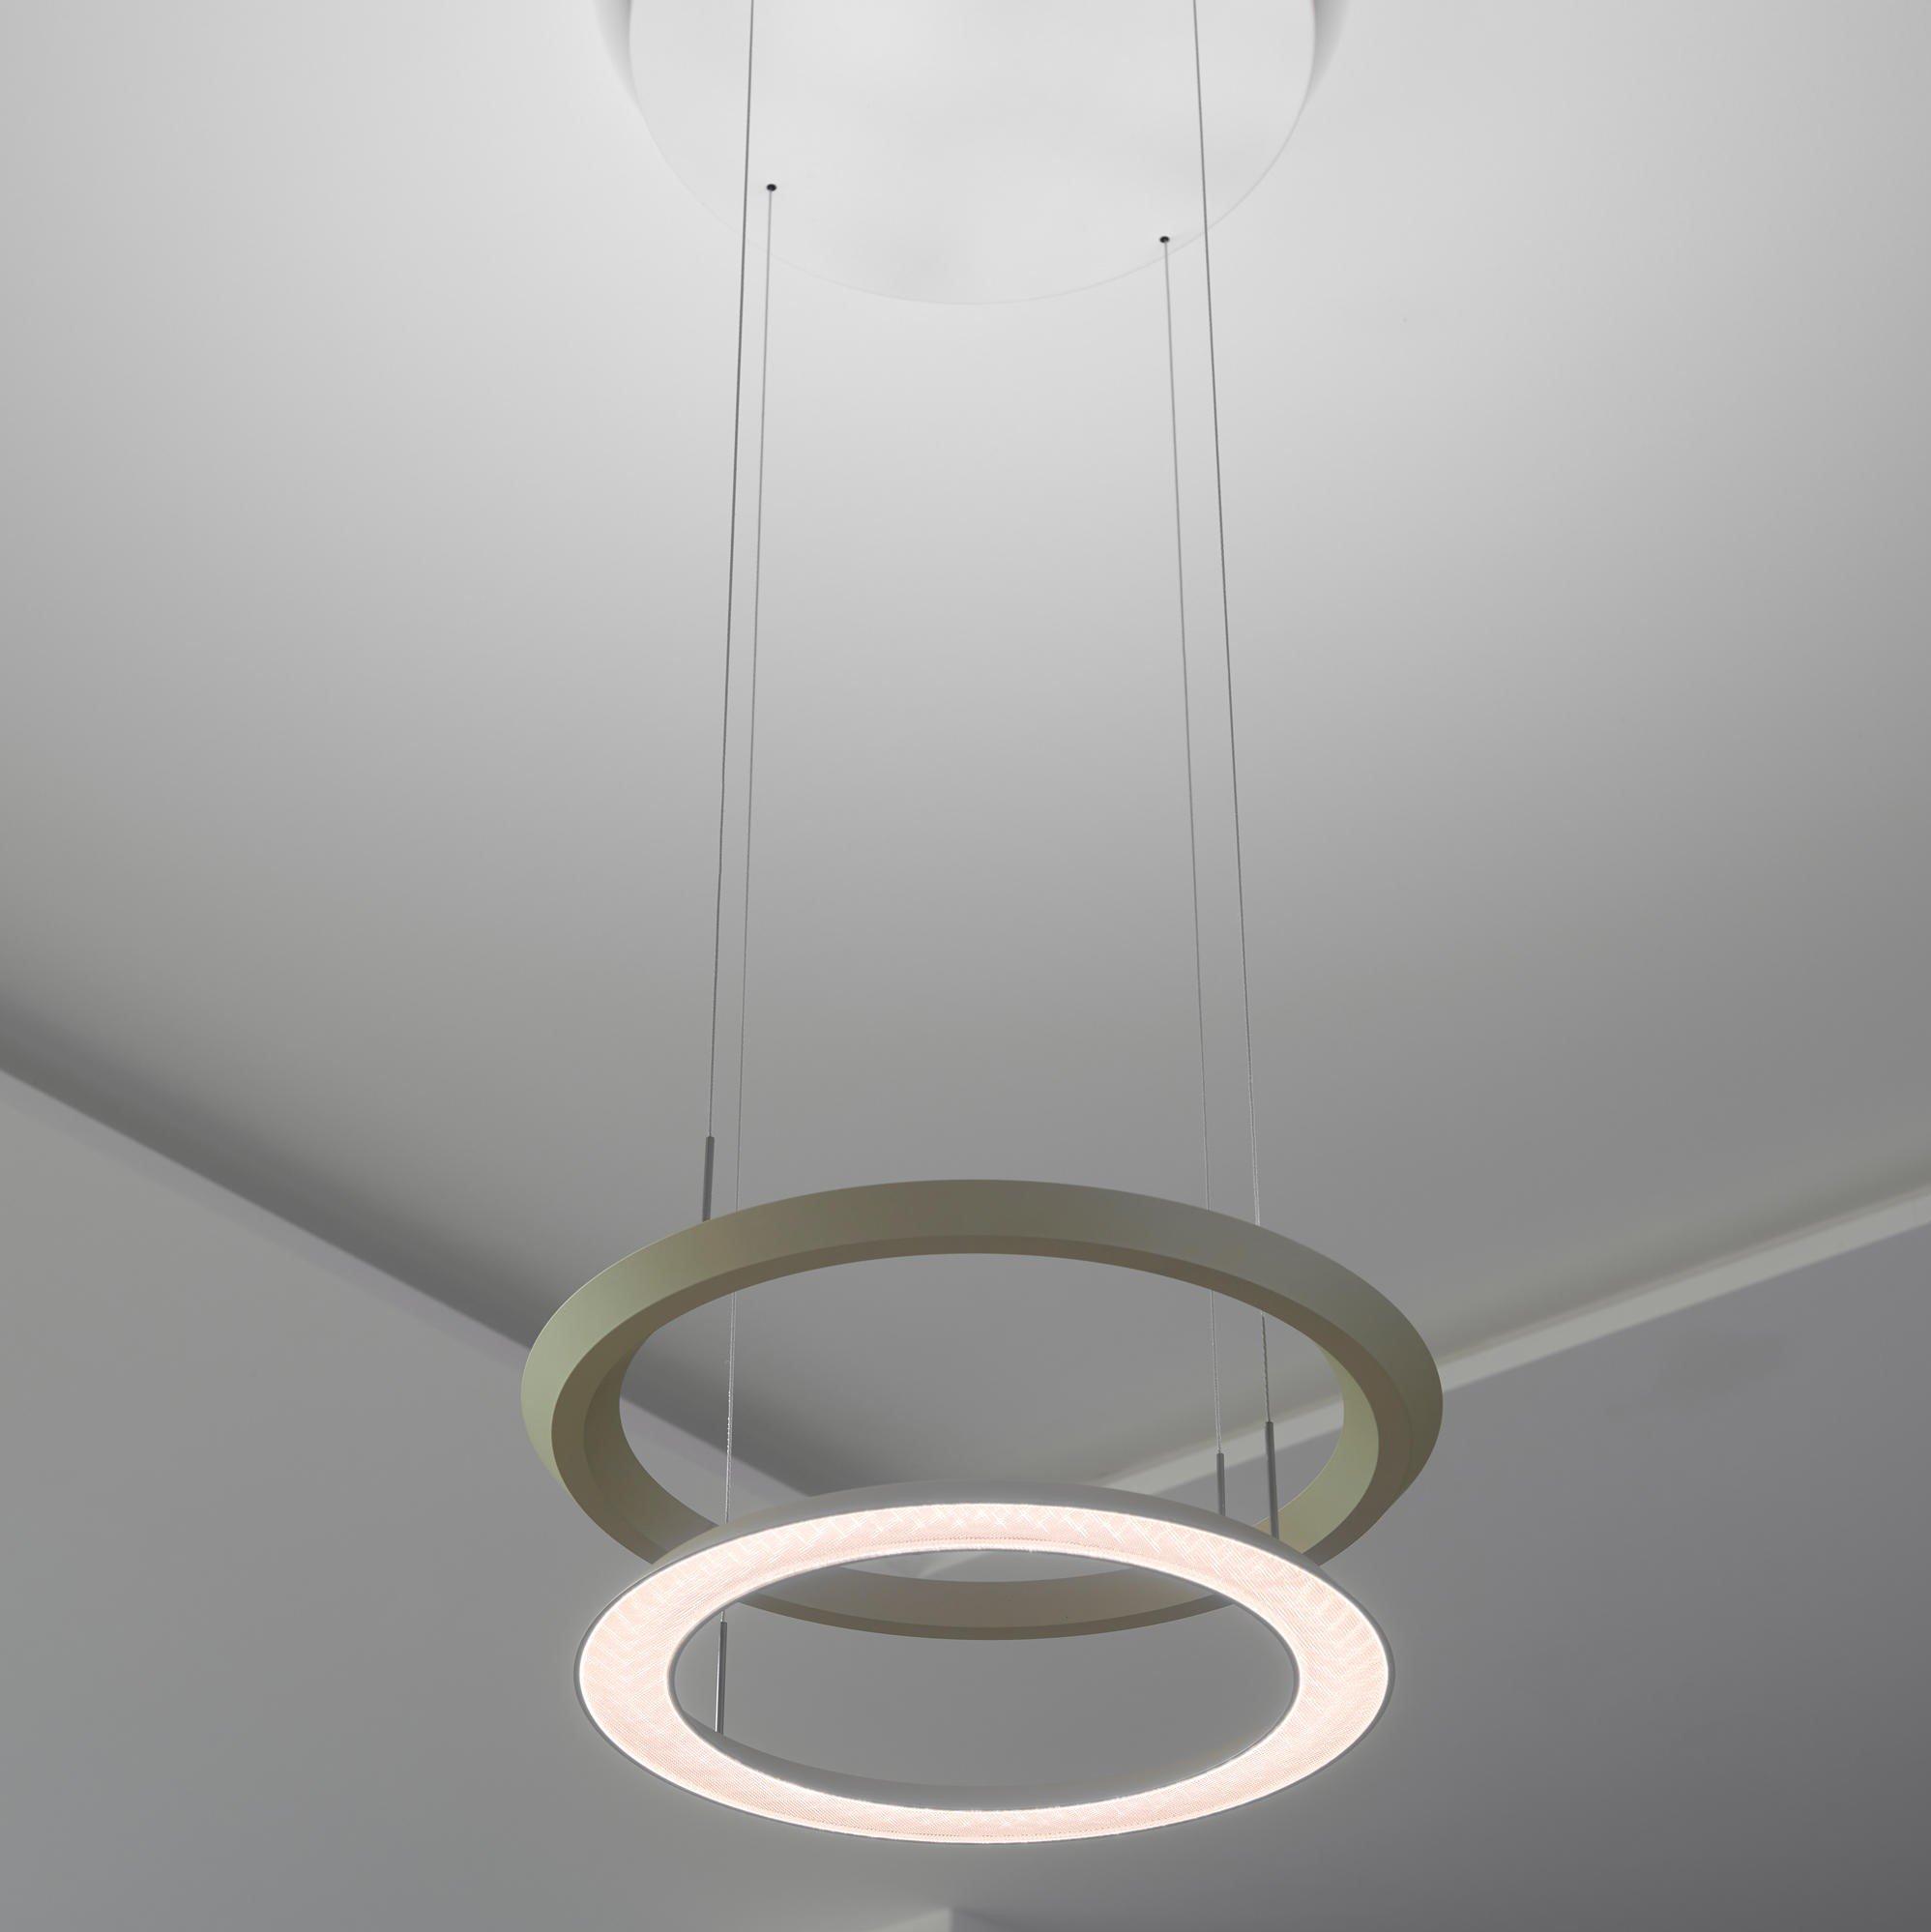 Hanglamp Oligo Yano In 3 Kleuren